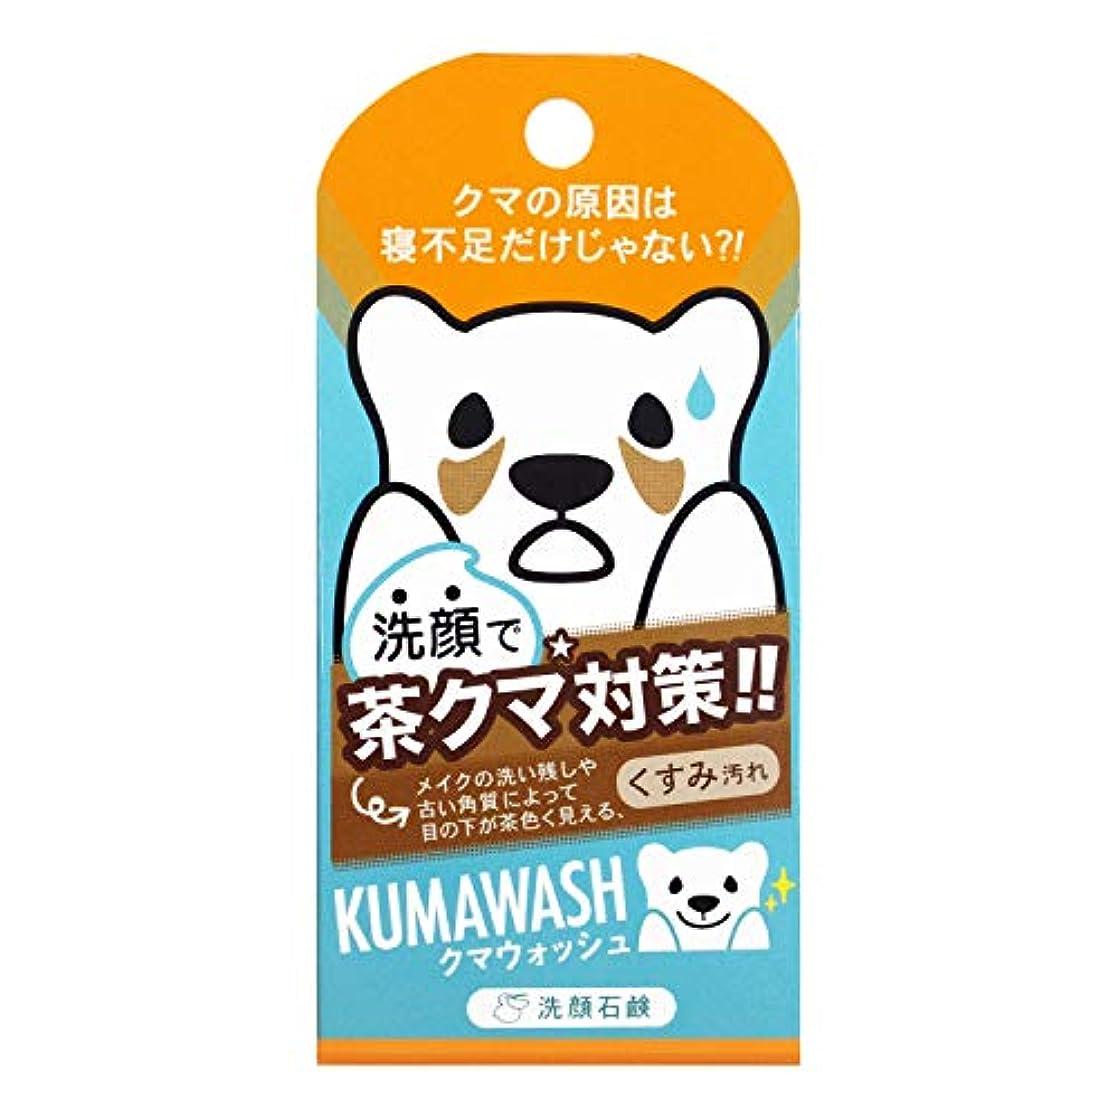 ふりをする大胆なメロンペリカン石鹸 クマウォッシュ洗顔石鹸 75g